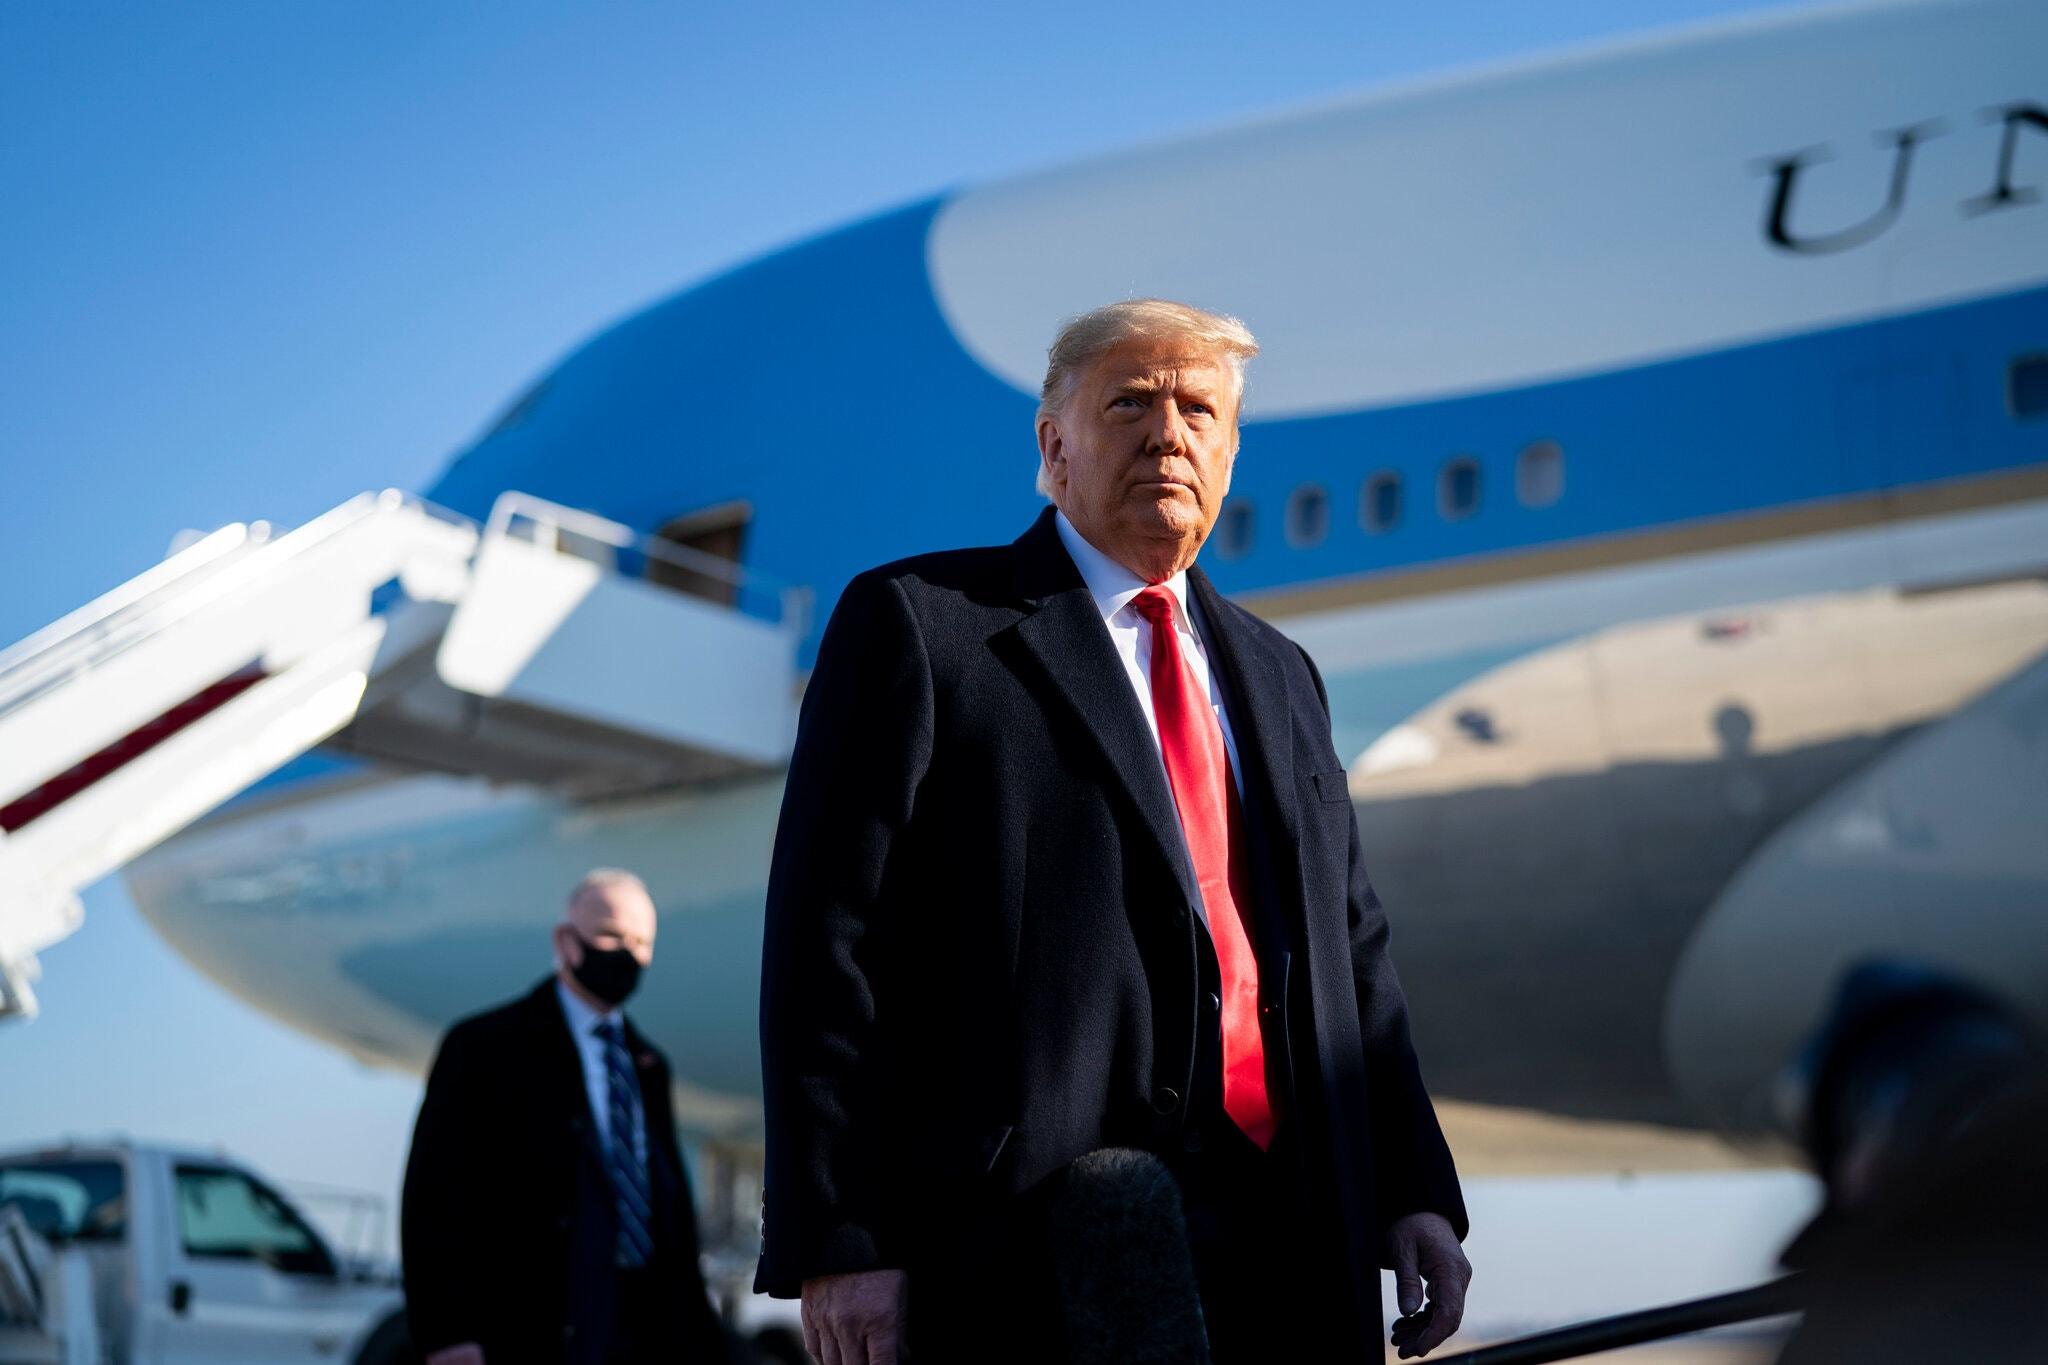 अमेरिकी राष्ट्रपति डोनल्ड ट्रम्पविरुद्ध फेरि महाभियोग प्रस्ताव